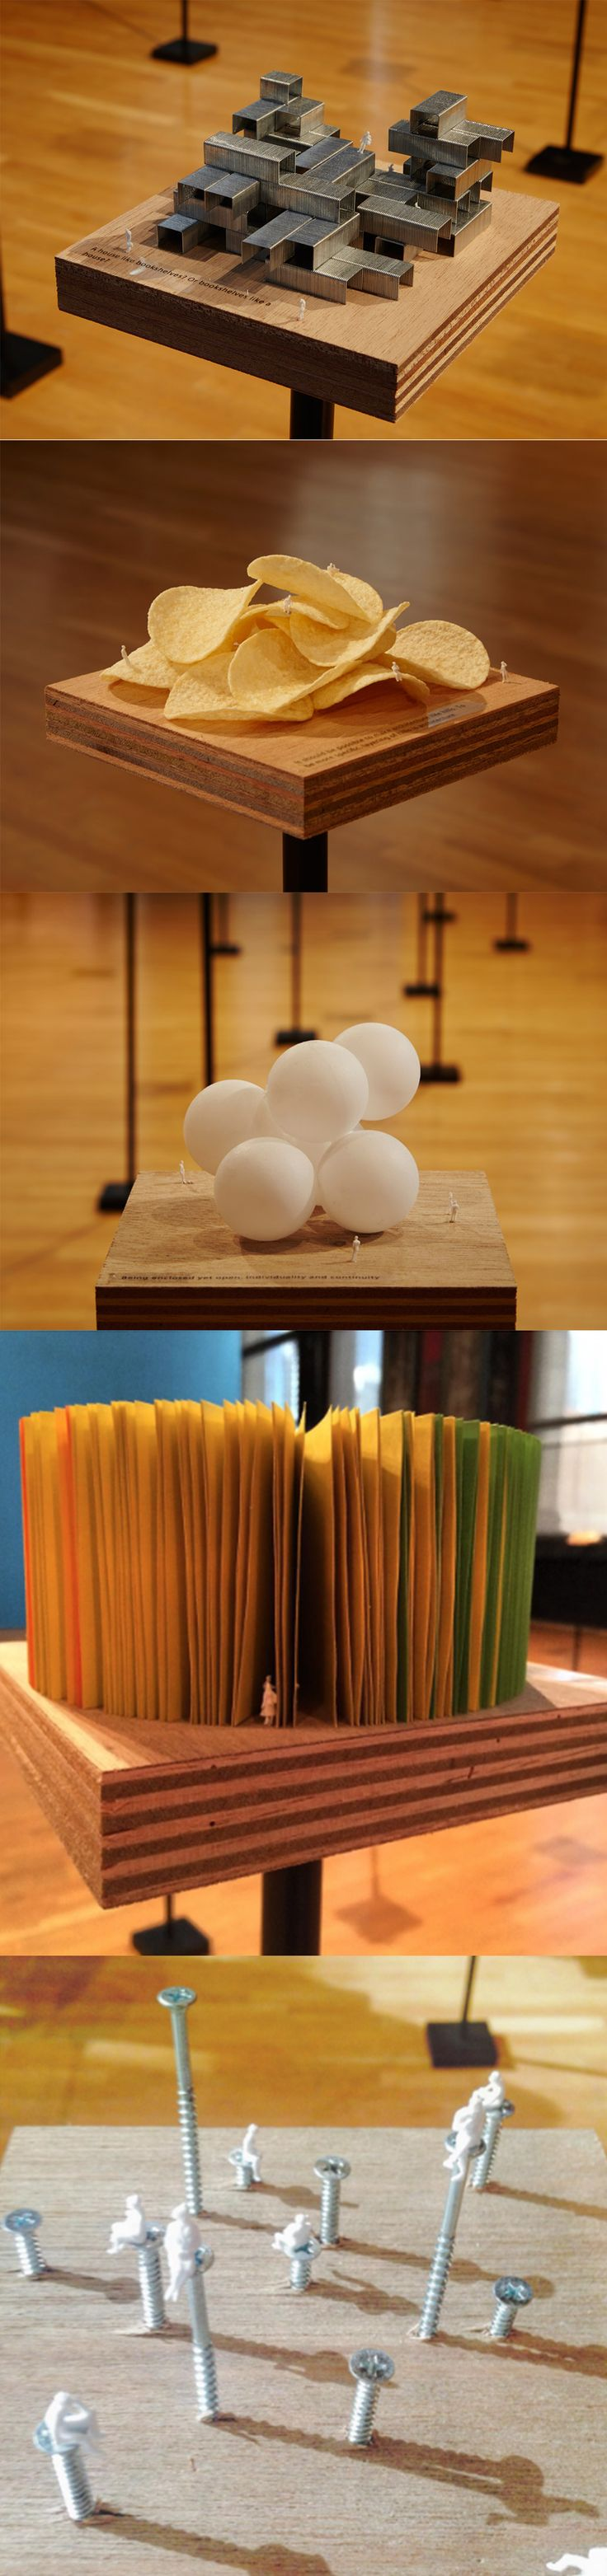 Sou Fujimoto - Found architecture, Chicago architecture Biennal 2015